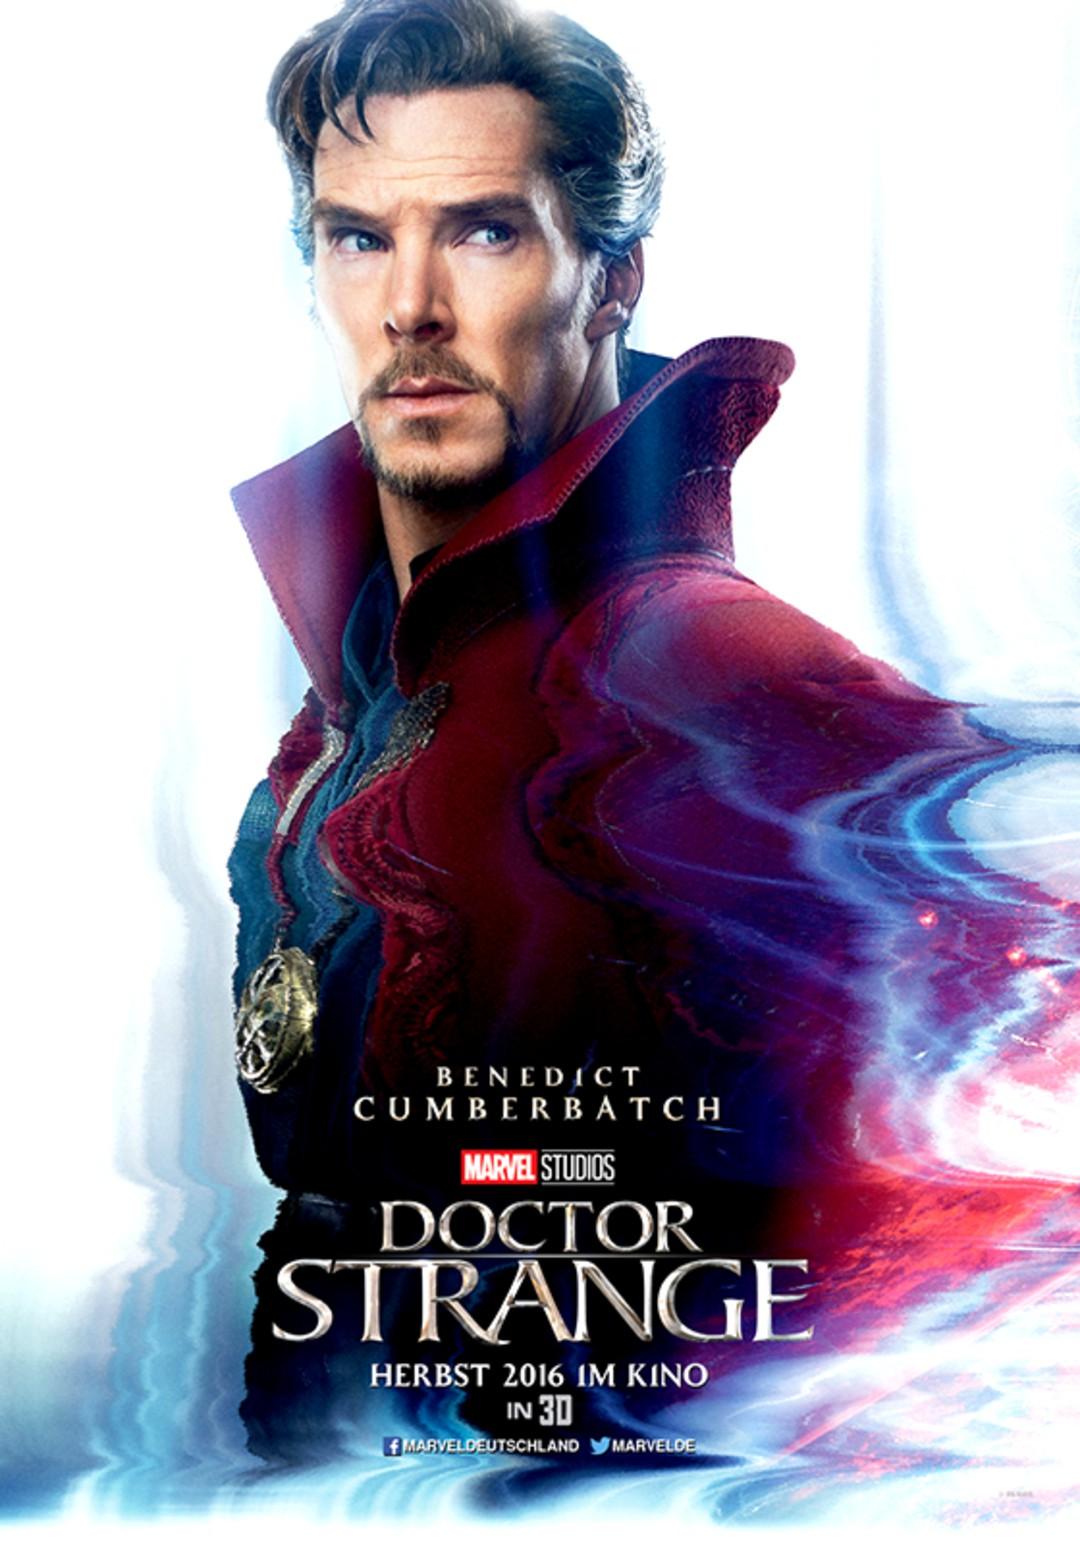 Die Welt des Doctor Strange - Bild 7 von 7